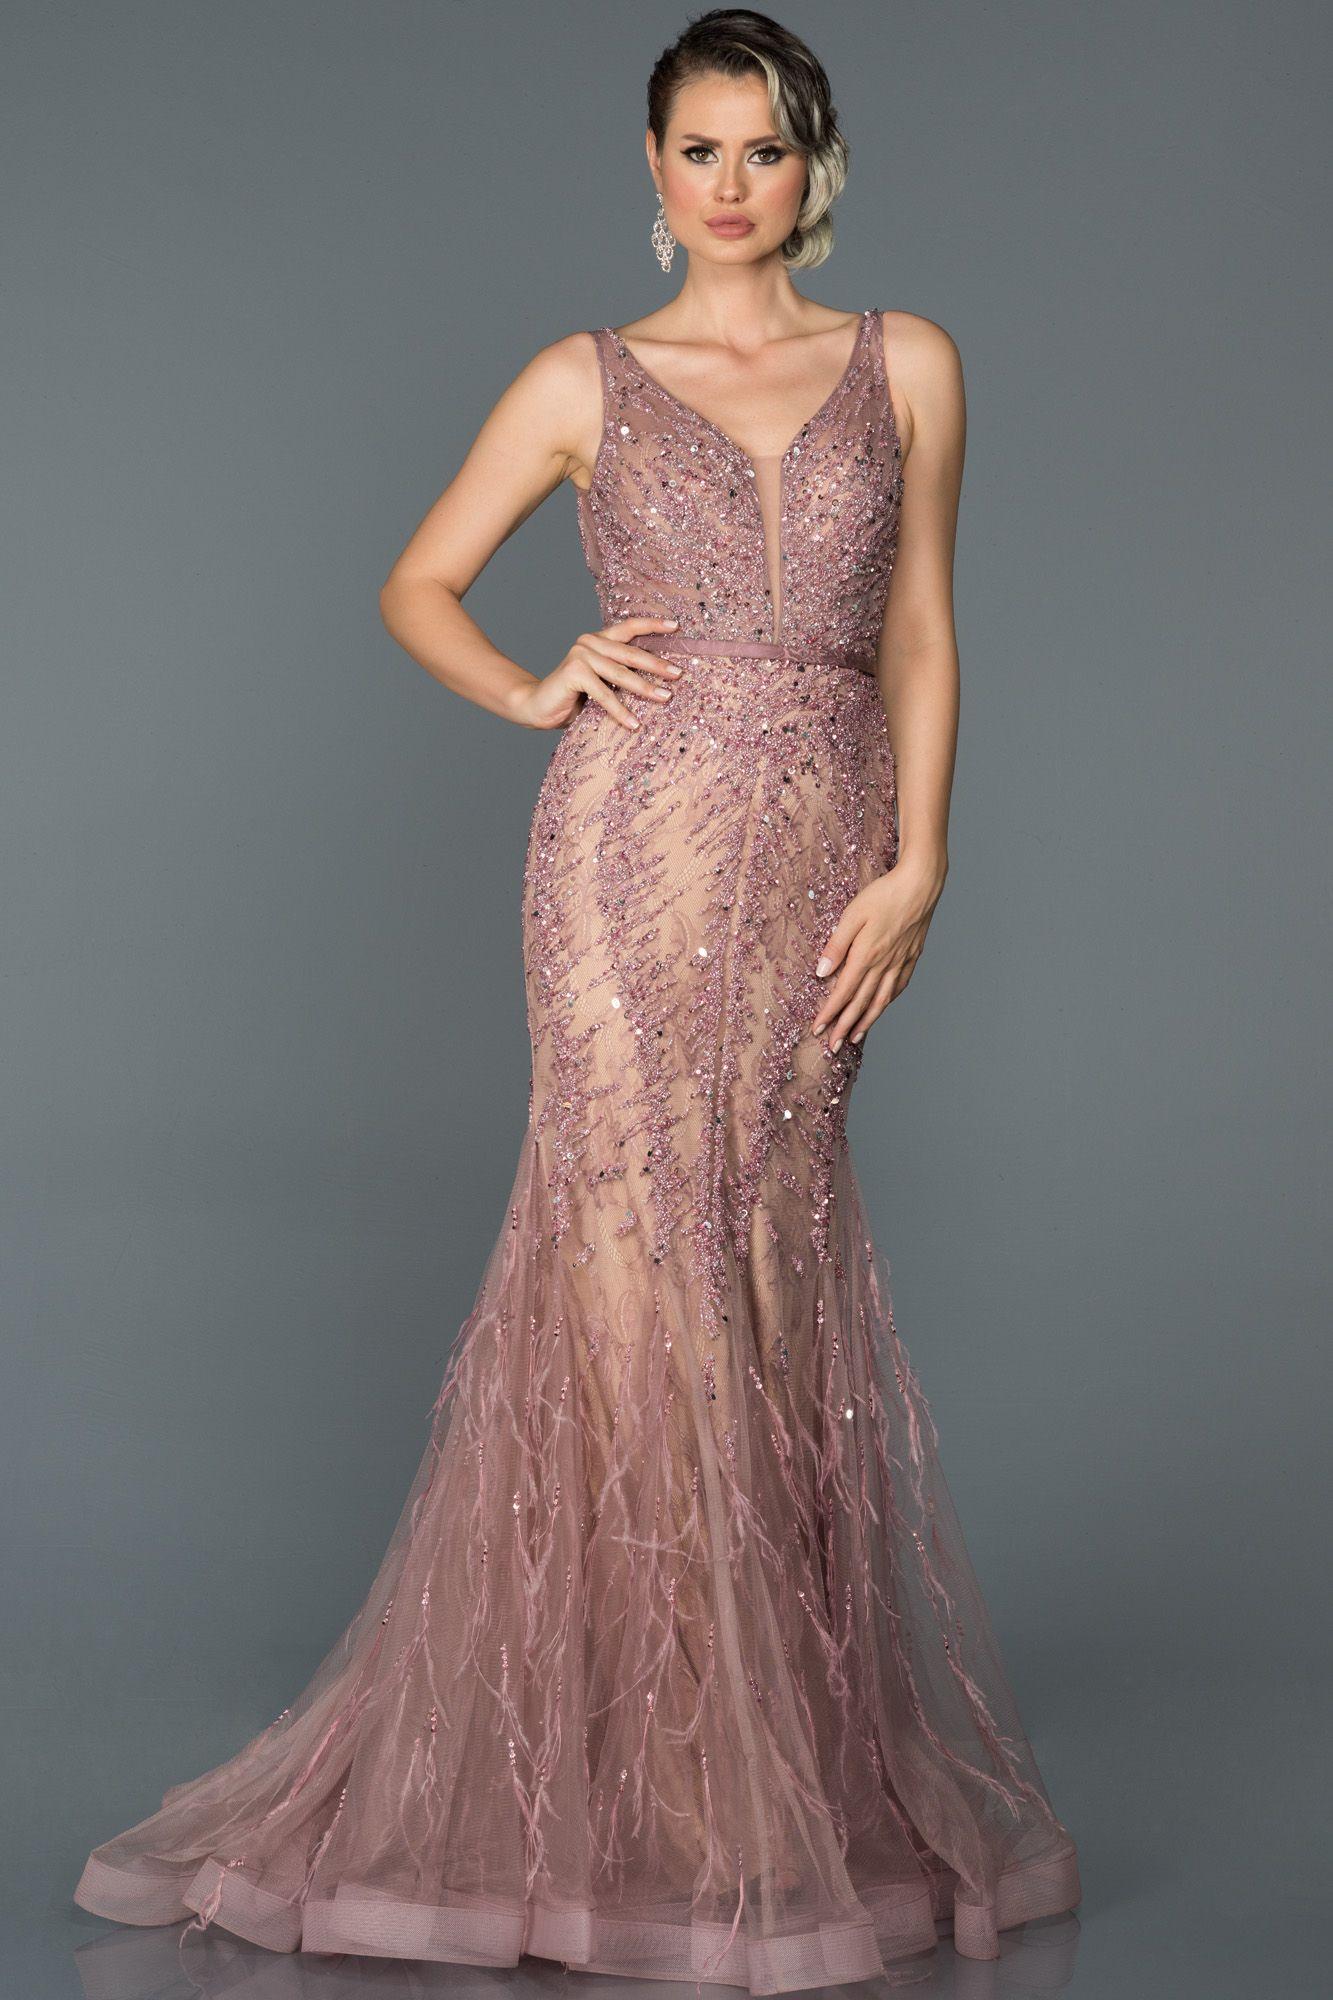 Gul Kurusu Otris Detayli Ozel Tasarim Abiye Abu055 2020 The Dress Elbise Elbise Modelleri